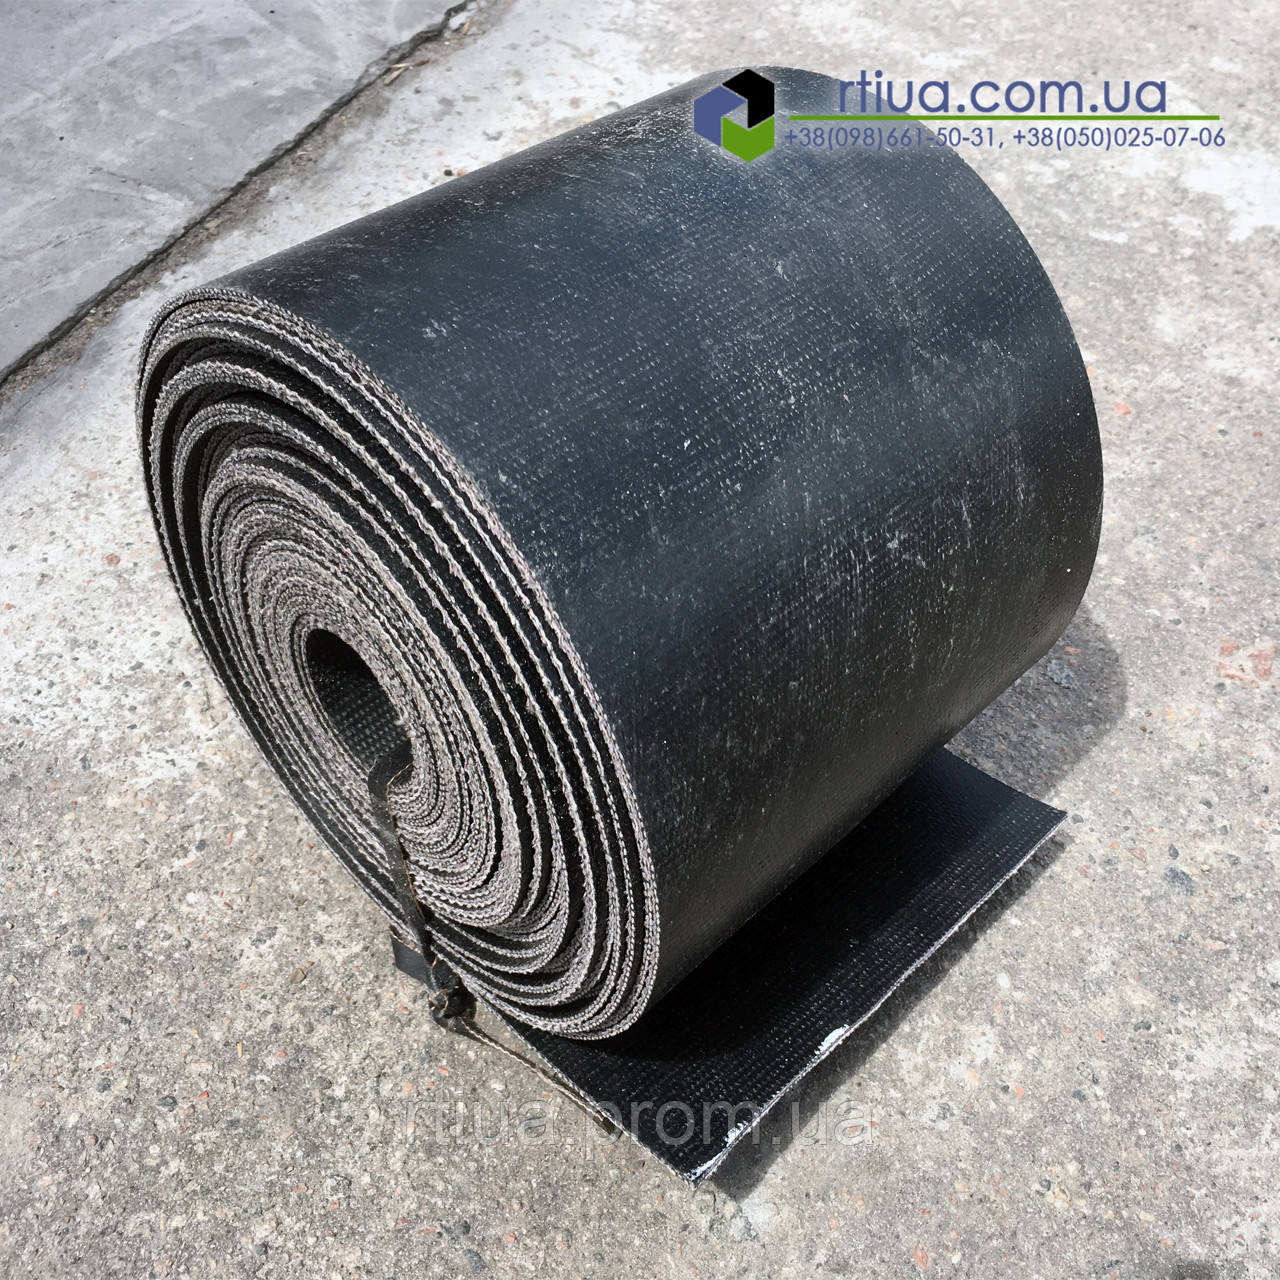 Транспортерная лента БКНЛ, 500х5 мм